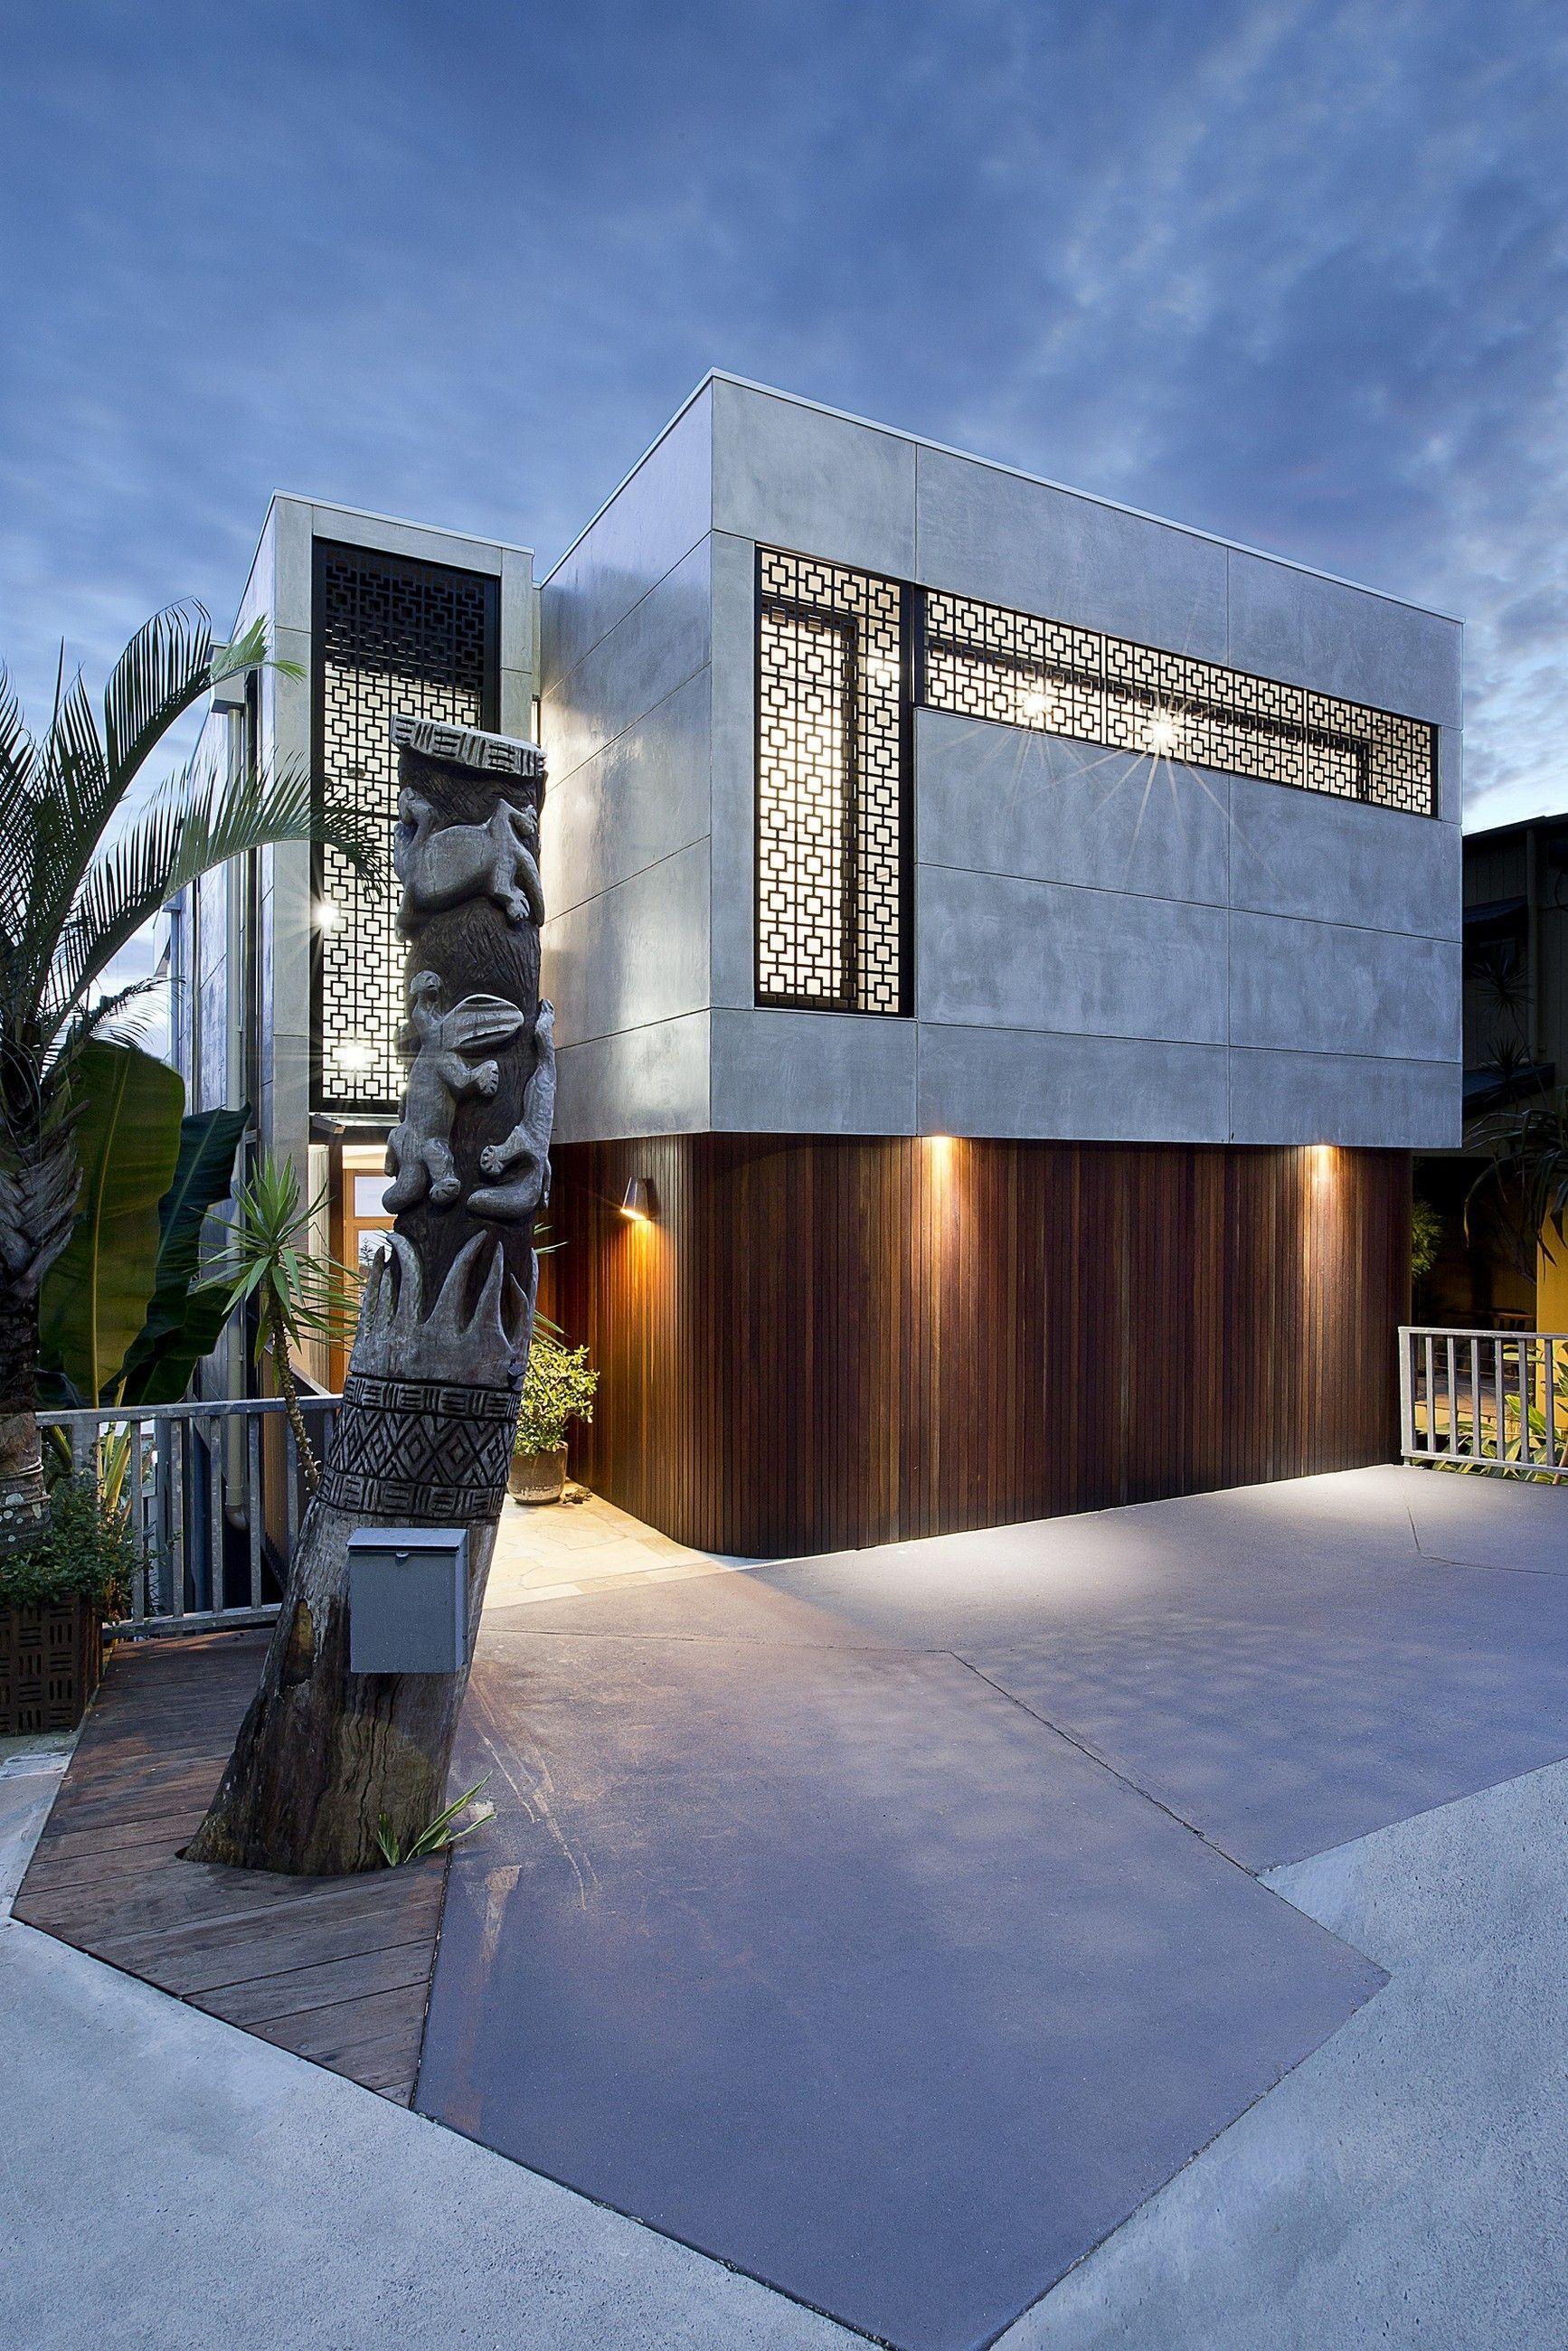 60'S MODERN RENOVATION by Jamison Architects